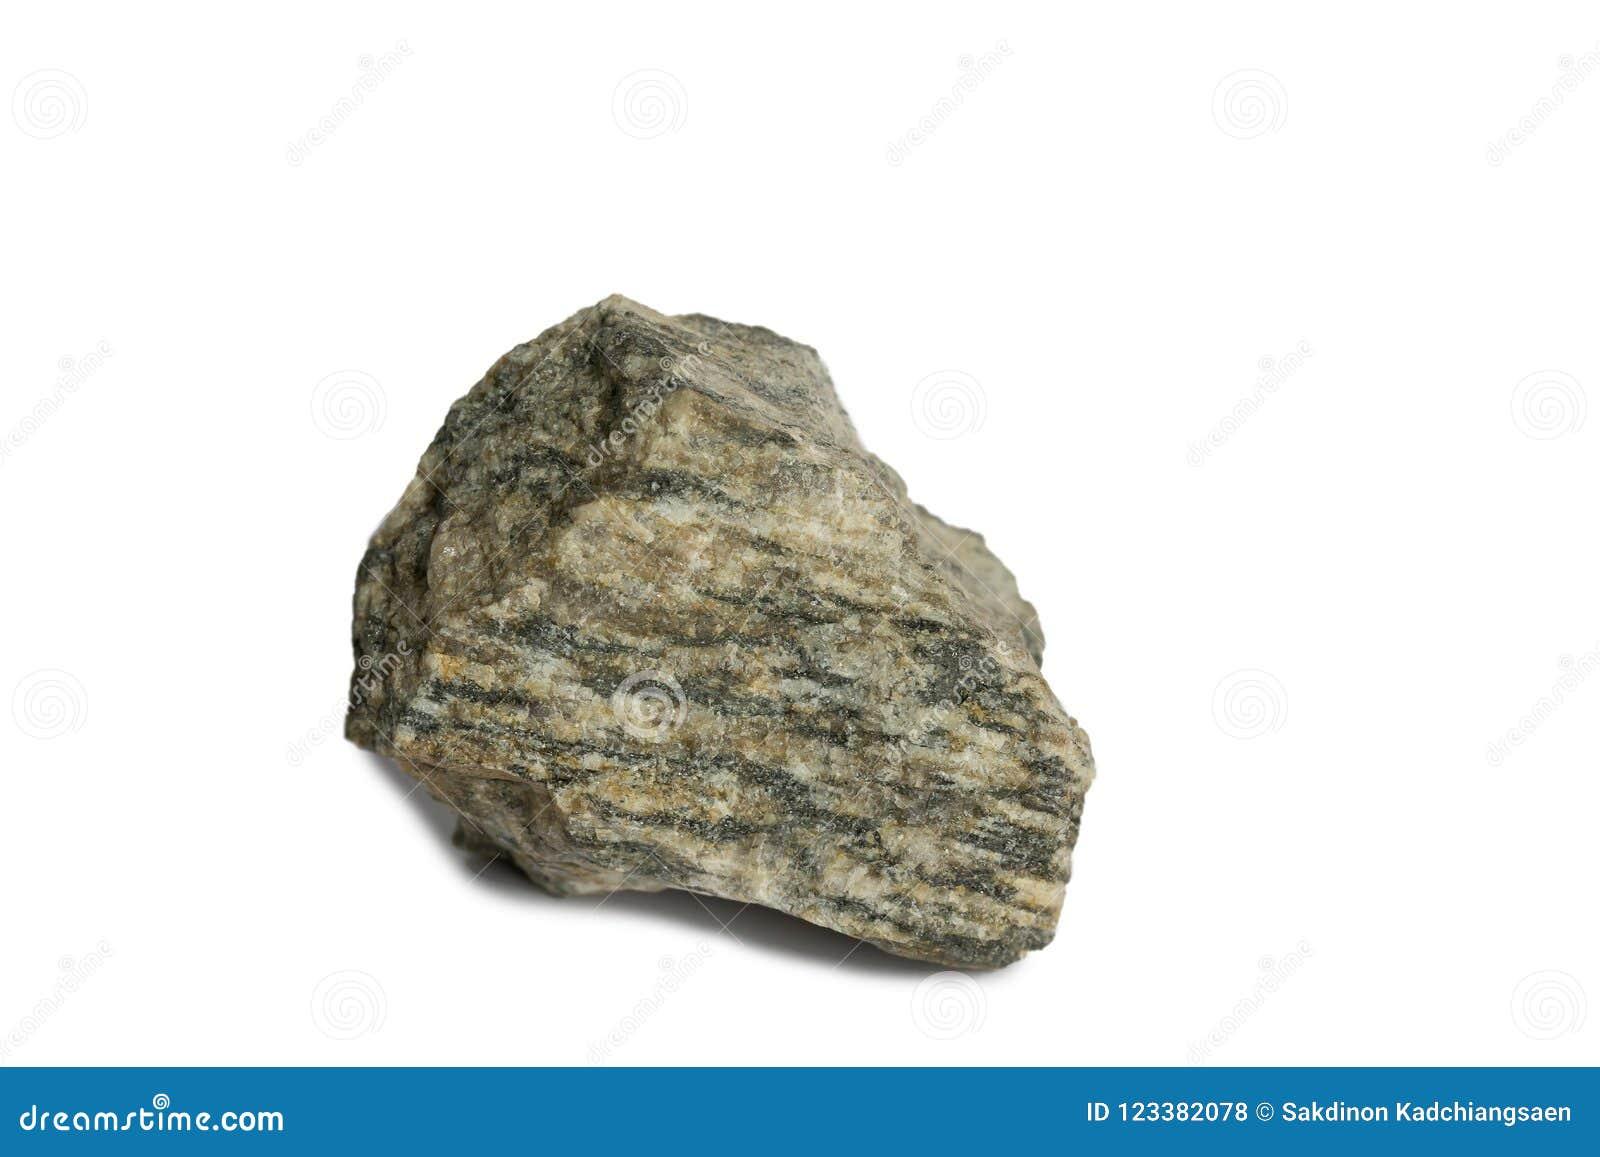 Roche de gneiss